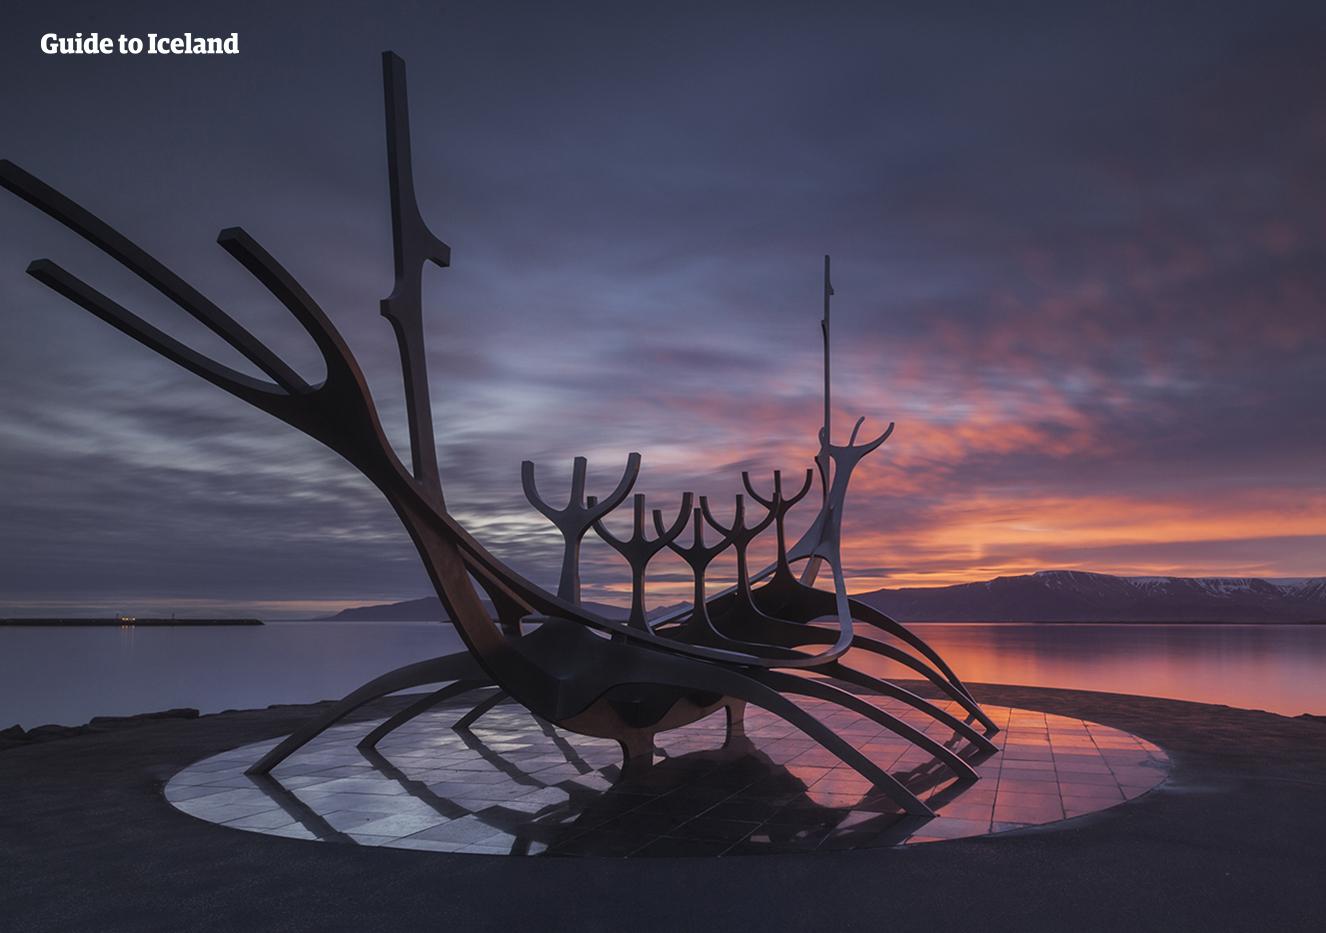 Spędź dzień poznając Reykjavík podczas 4-dniowej wycieczki samochodem latem po Islandii.